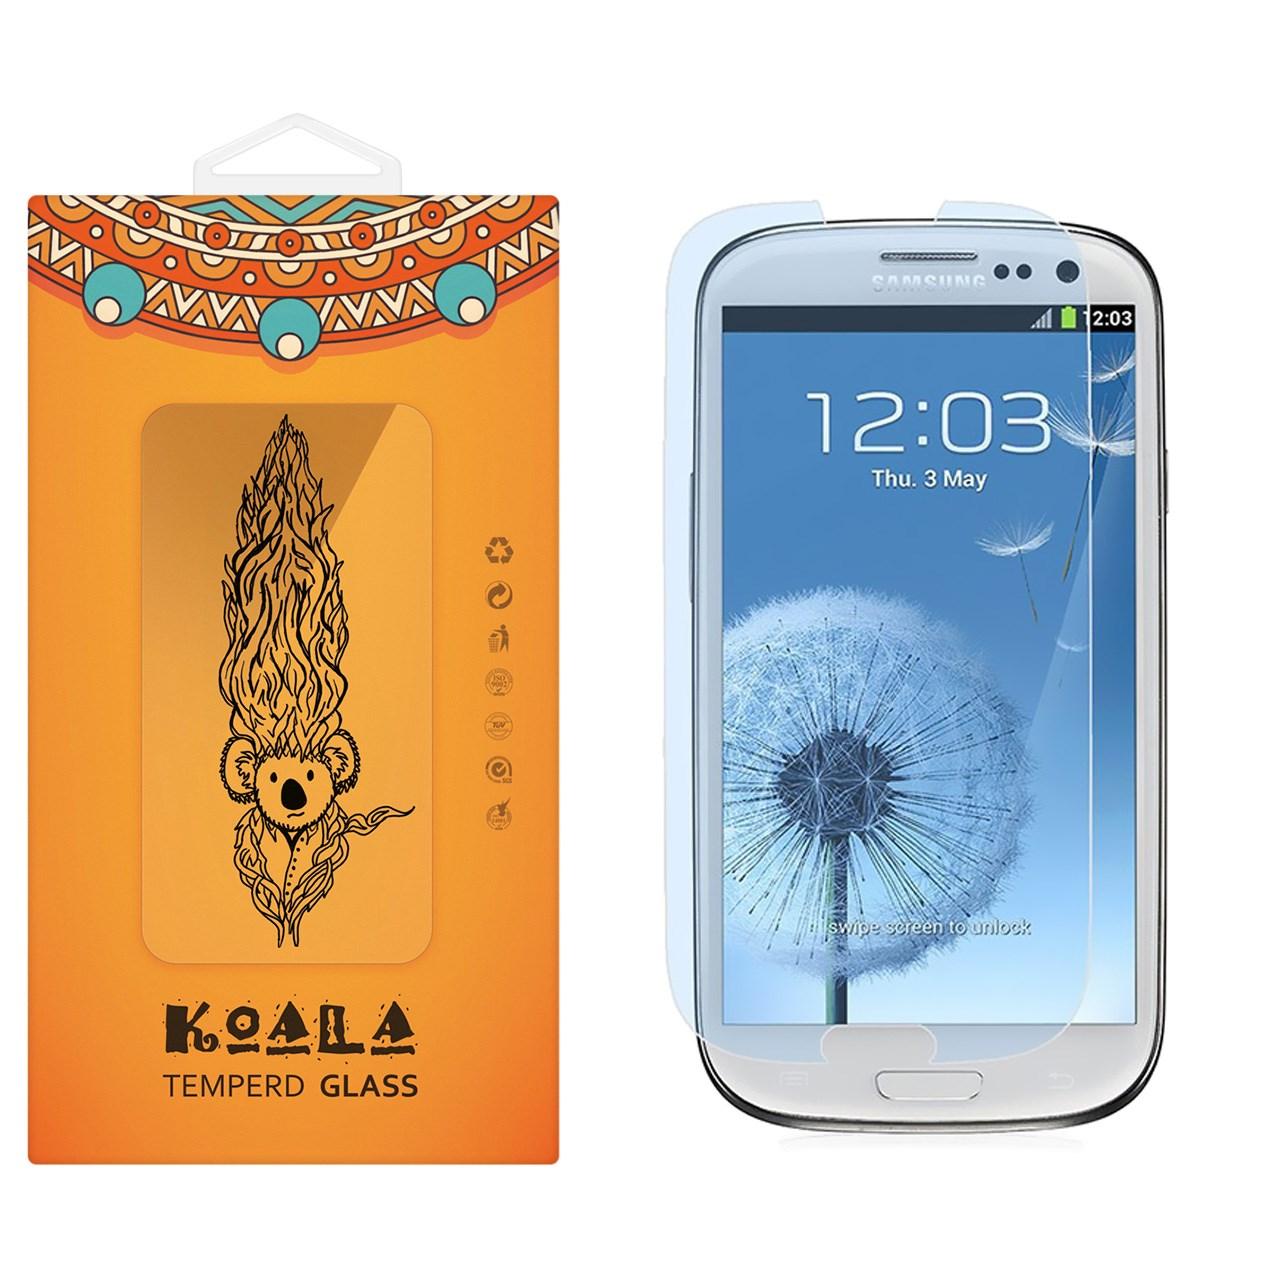 محافظ صفحه نمایش شیشه ای کوالا مدل Tempered مناسب برای گوشی موبایل سامسونگ Galaxy S3